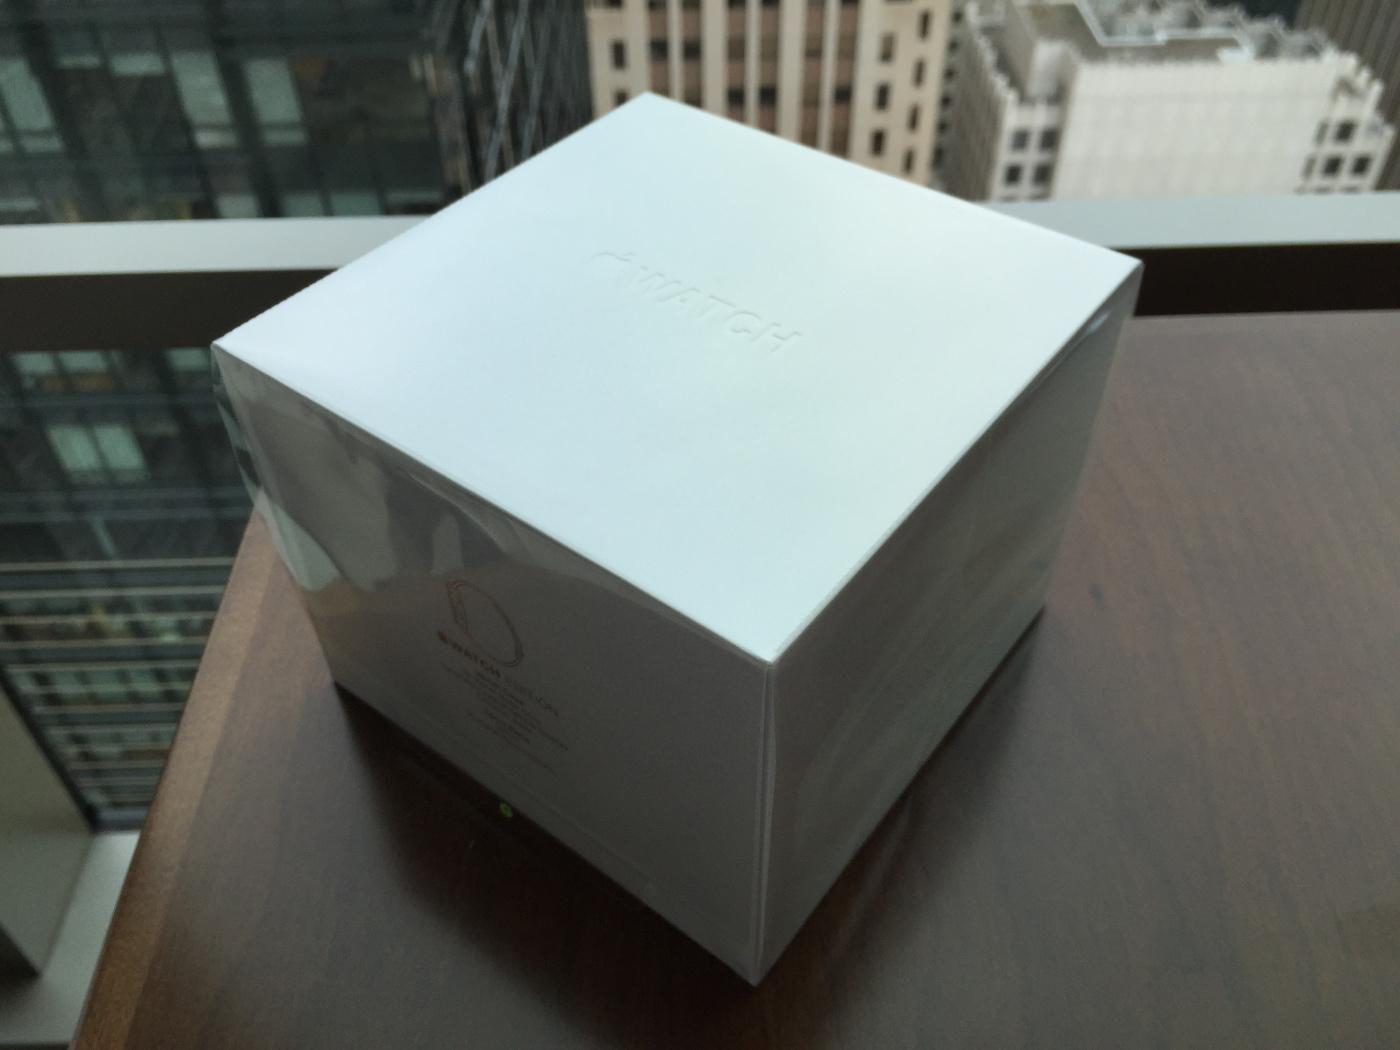 img 6661 Déballage : Les premières Apple Watch Edition sont arrivées ! [PHOTOS]